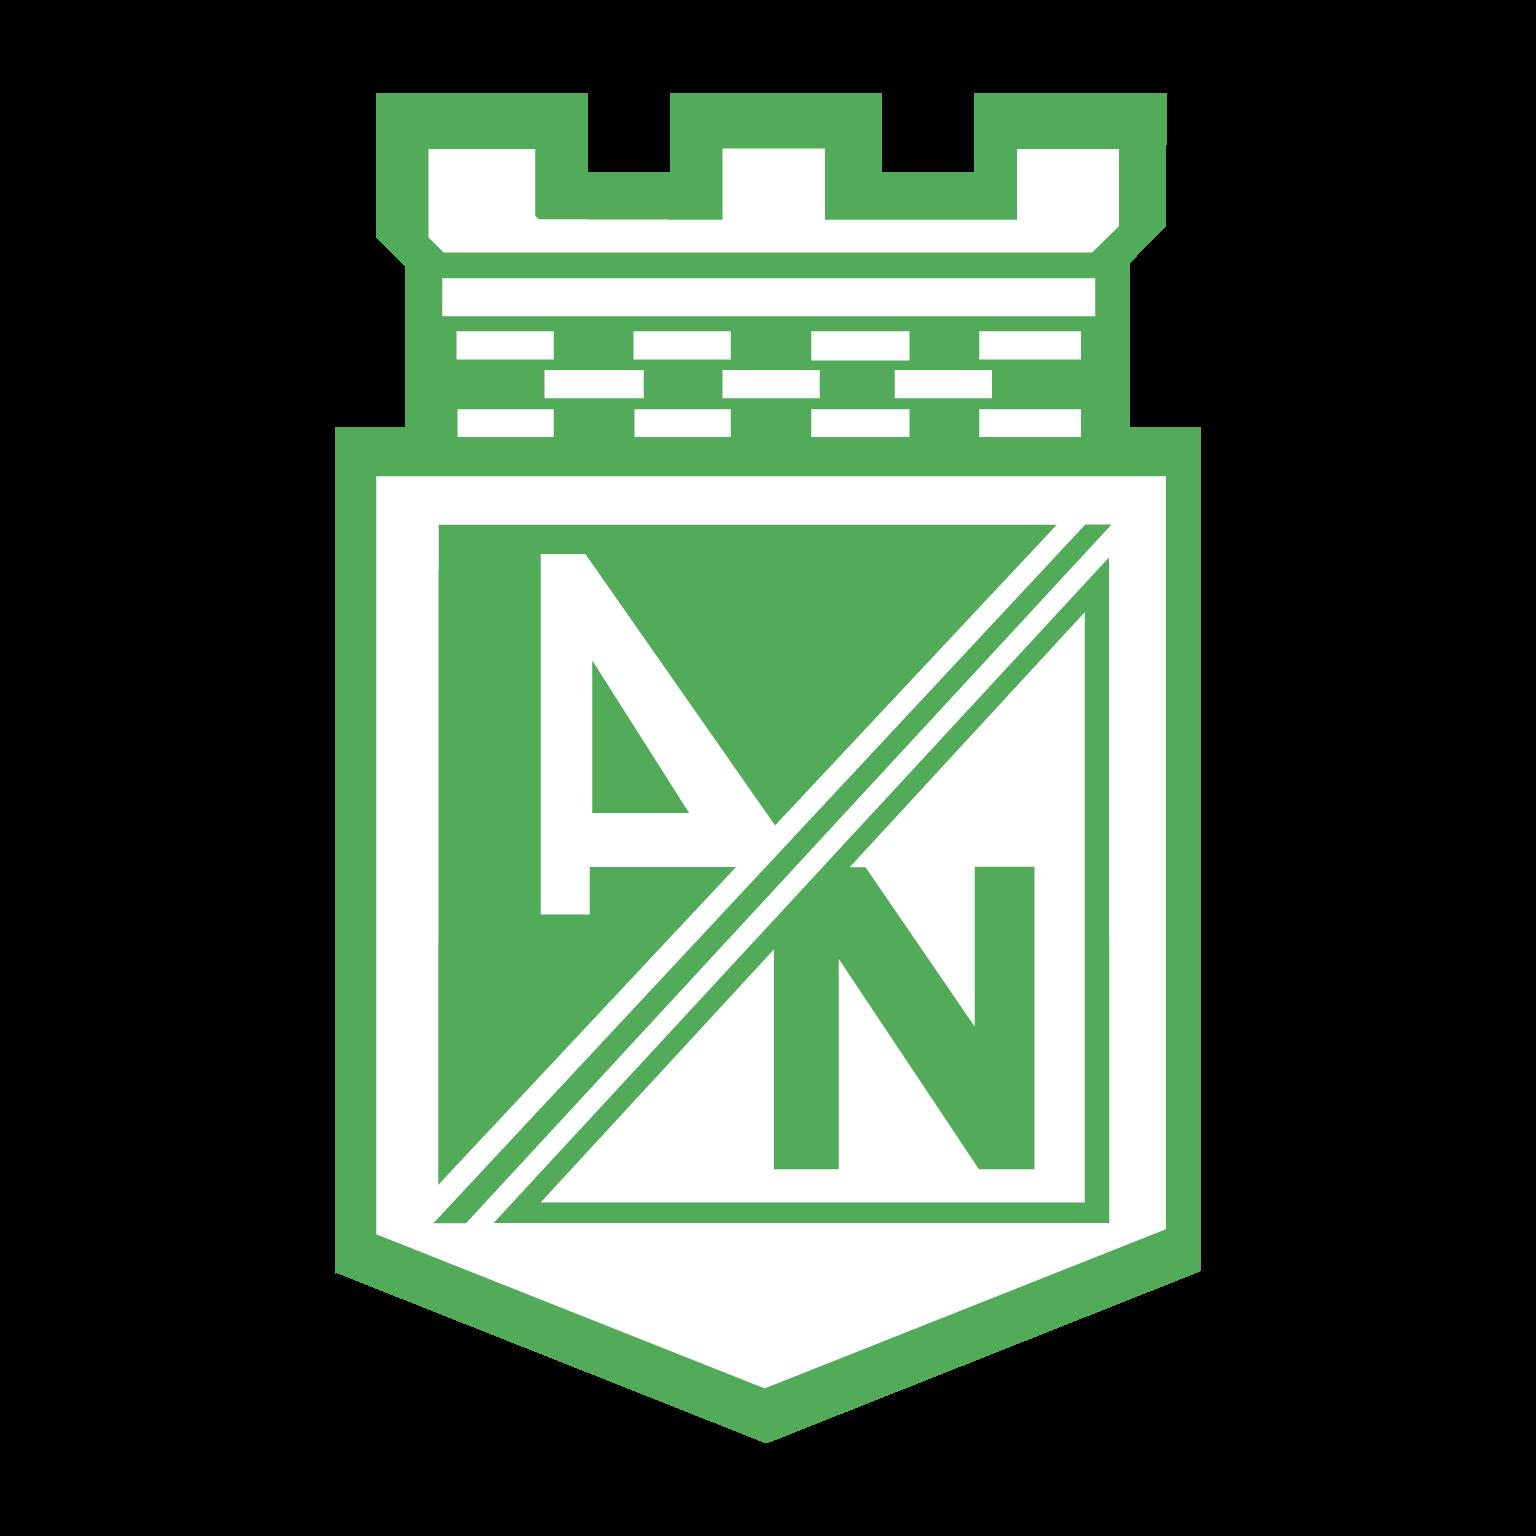 Logo Club Atl U00e9tico Nacional Bras U00e3o Em PNG U2013 Logo De Times